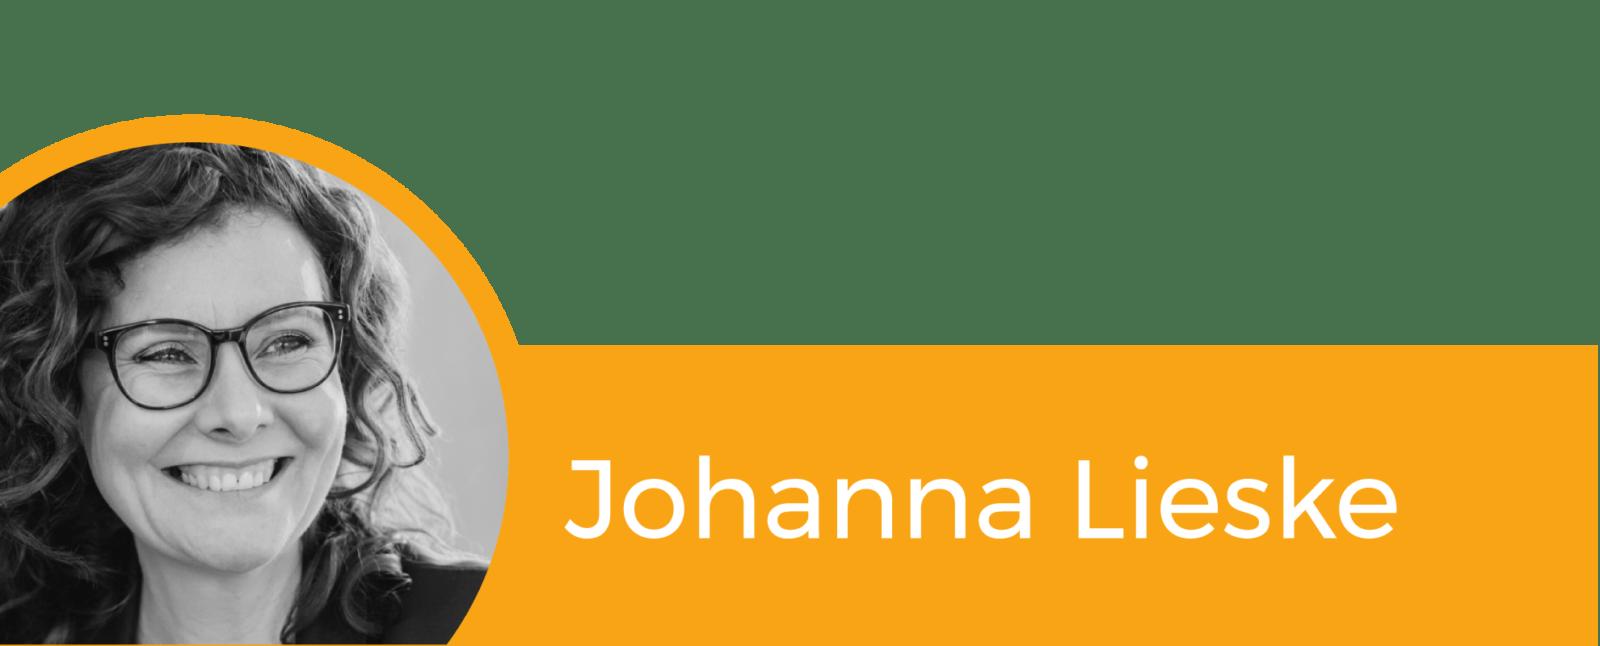 freie-redner-ausbildung-seminare-seminarinhalte-einklinker-dozenten-johanna-lieske.png